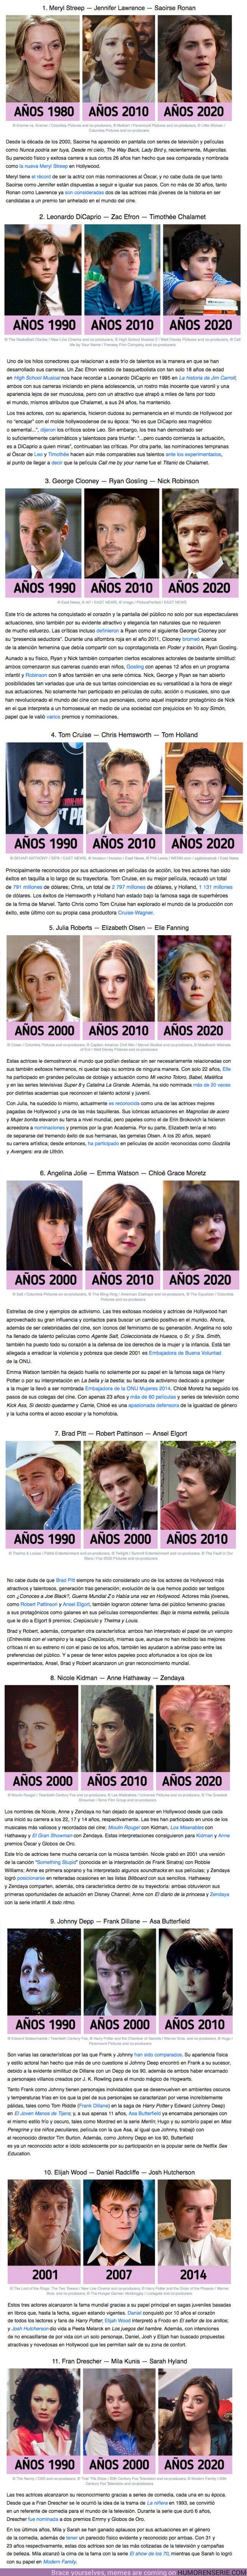 60769 - GALERÍA: Comparamos 3 generaciones de actores para mostrarte en manos de quién podría estar el futuro Hollywood